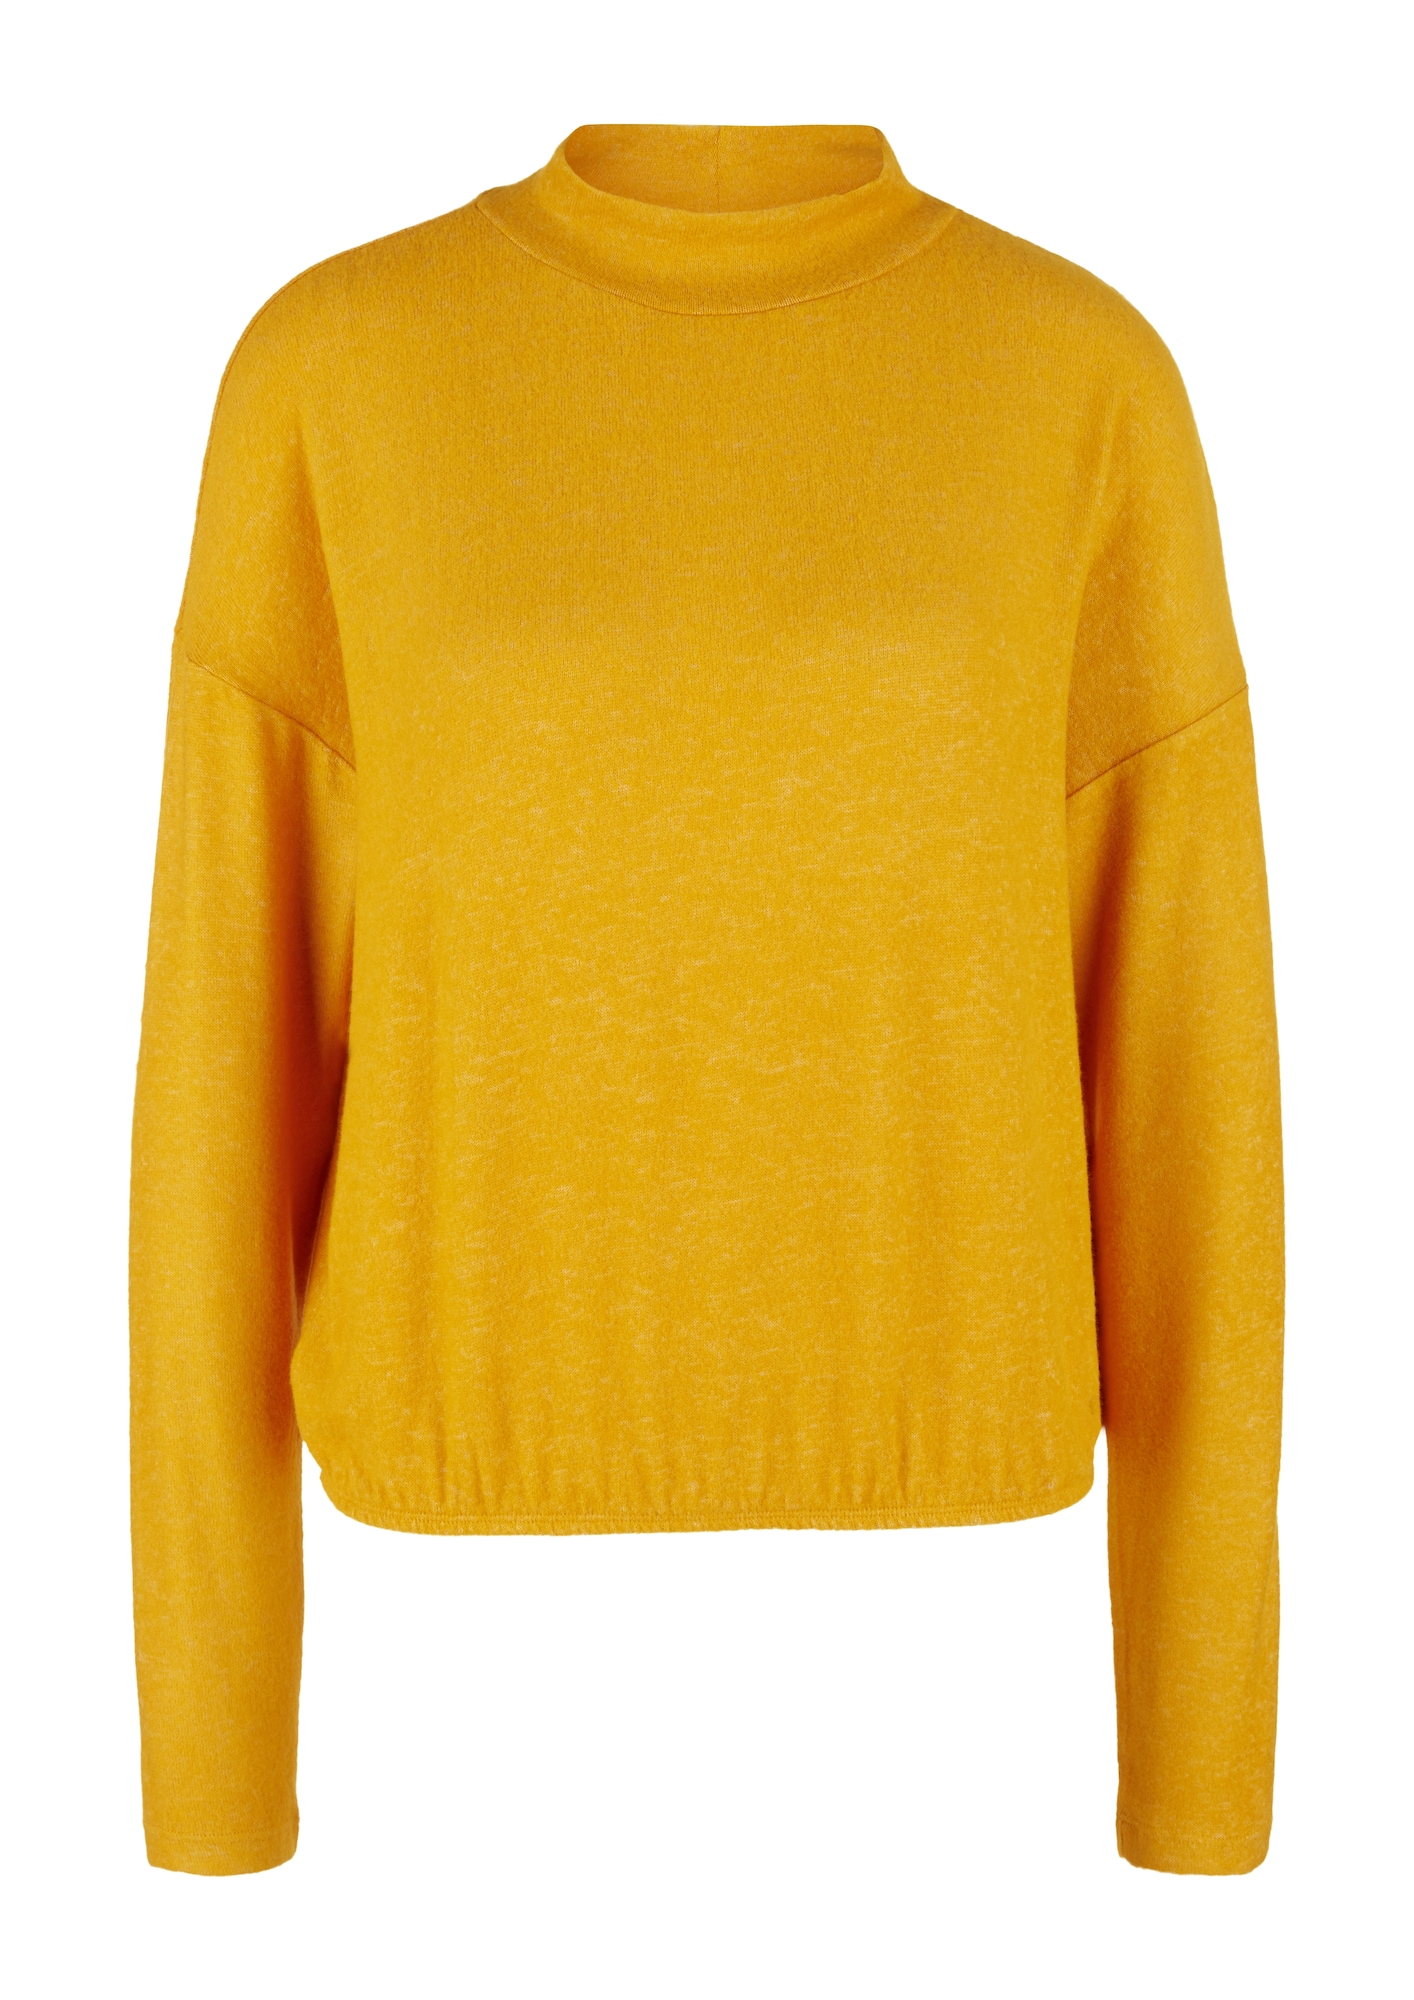 Q/S designed by Marškinėliai aukso geltonumo spalva